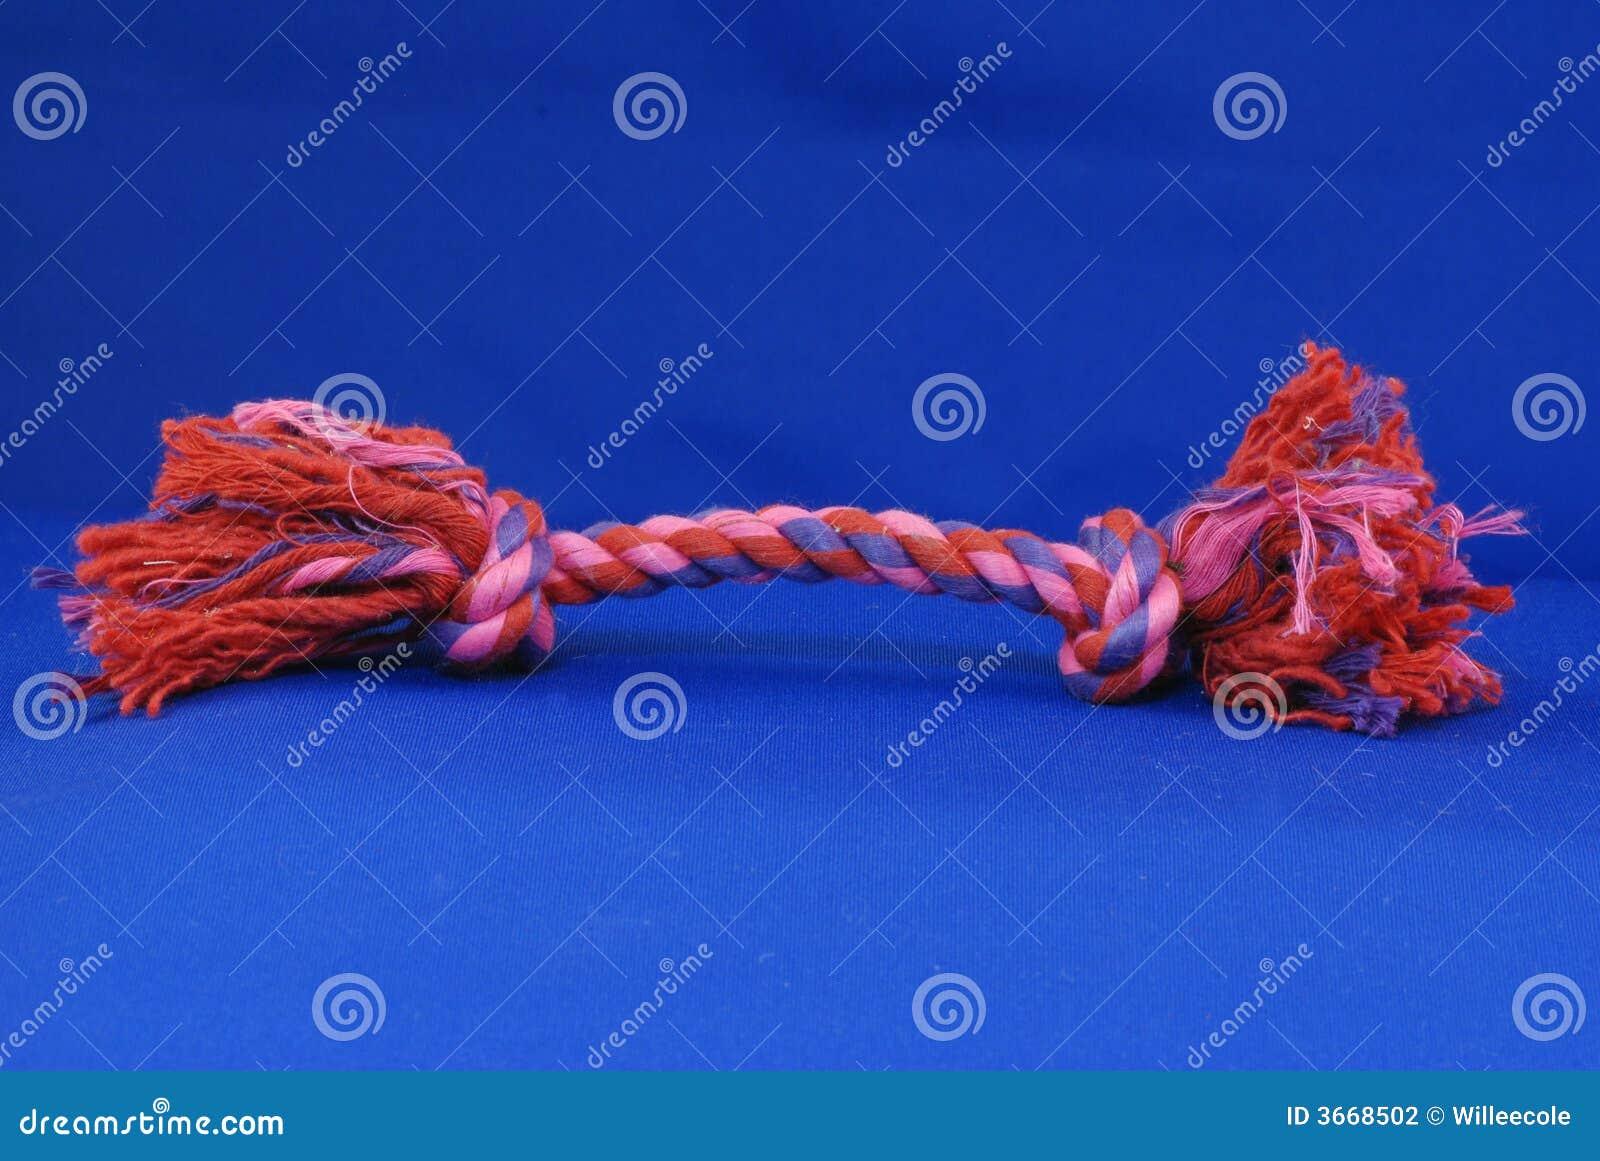 狗绳索玩具猛拉